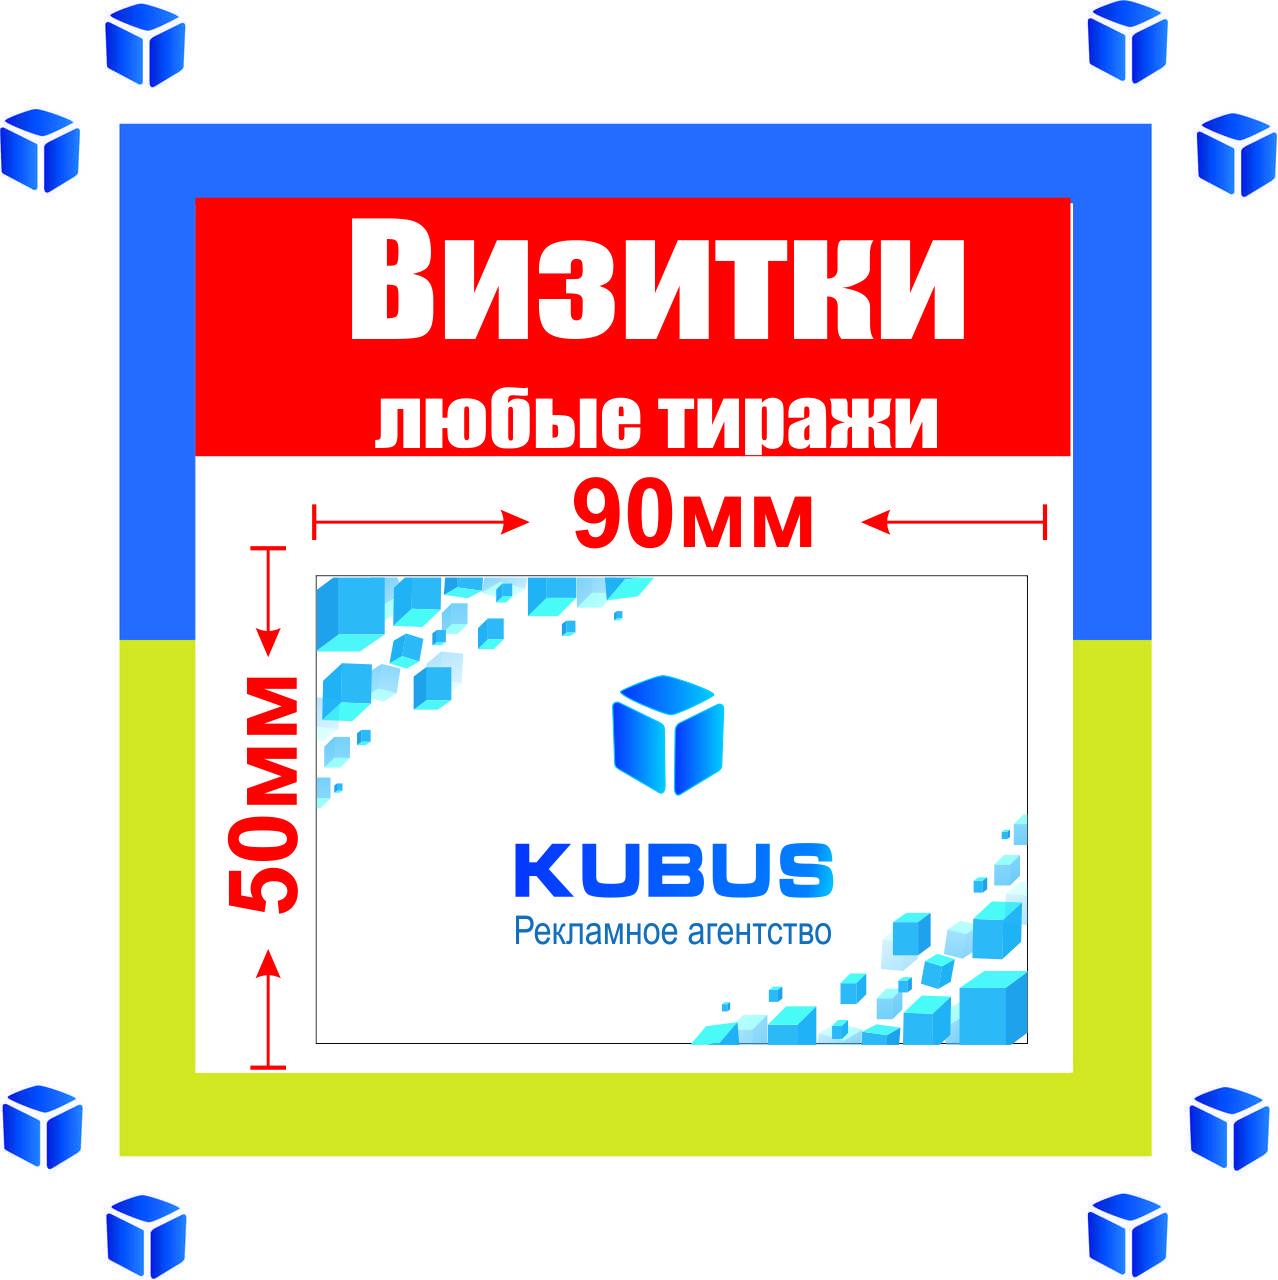 Визитки цветные двухсторонние 500 шт(любые тиражи, матовая ламинация 1+1/ 4 дня )